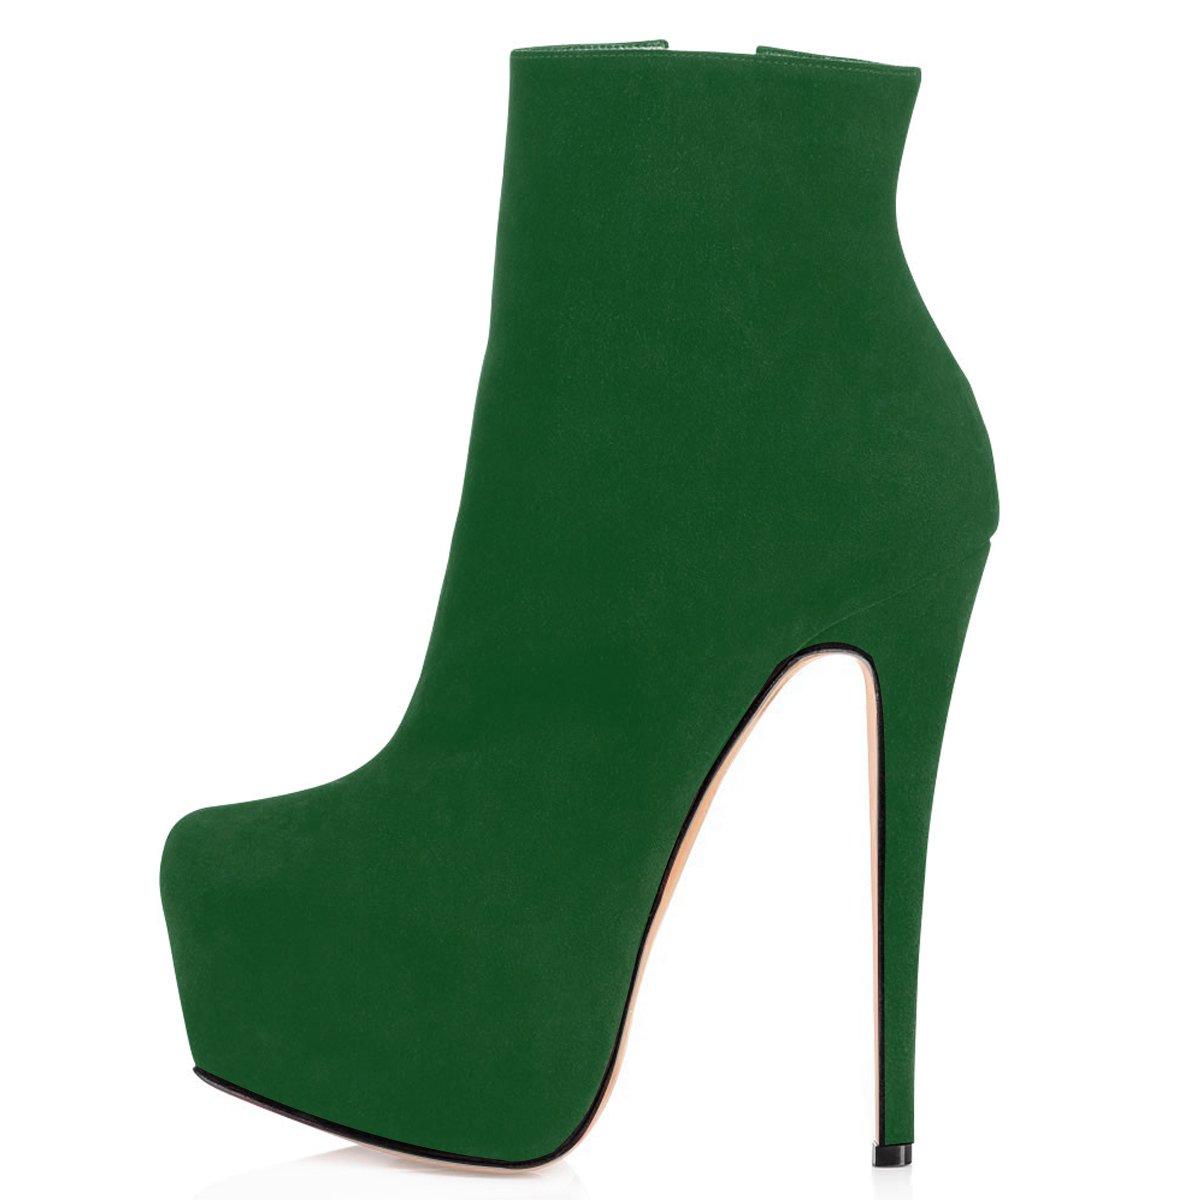 ElasheStivaletti Donna con Tacco 15CM Scarpe col Tacco con Plateau Classiche Suede Stivaletti Donna Verde